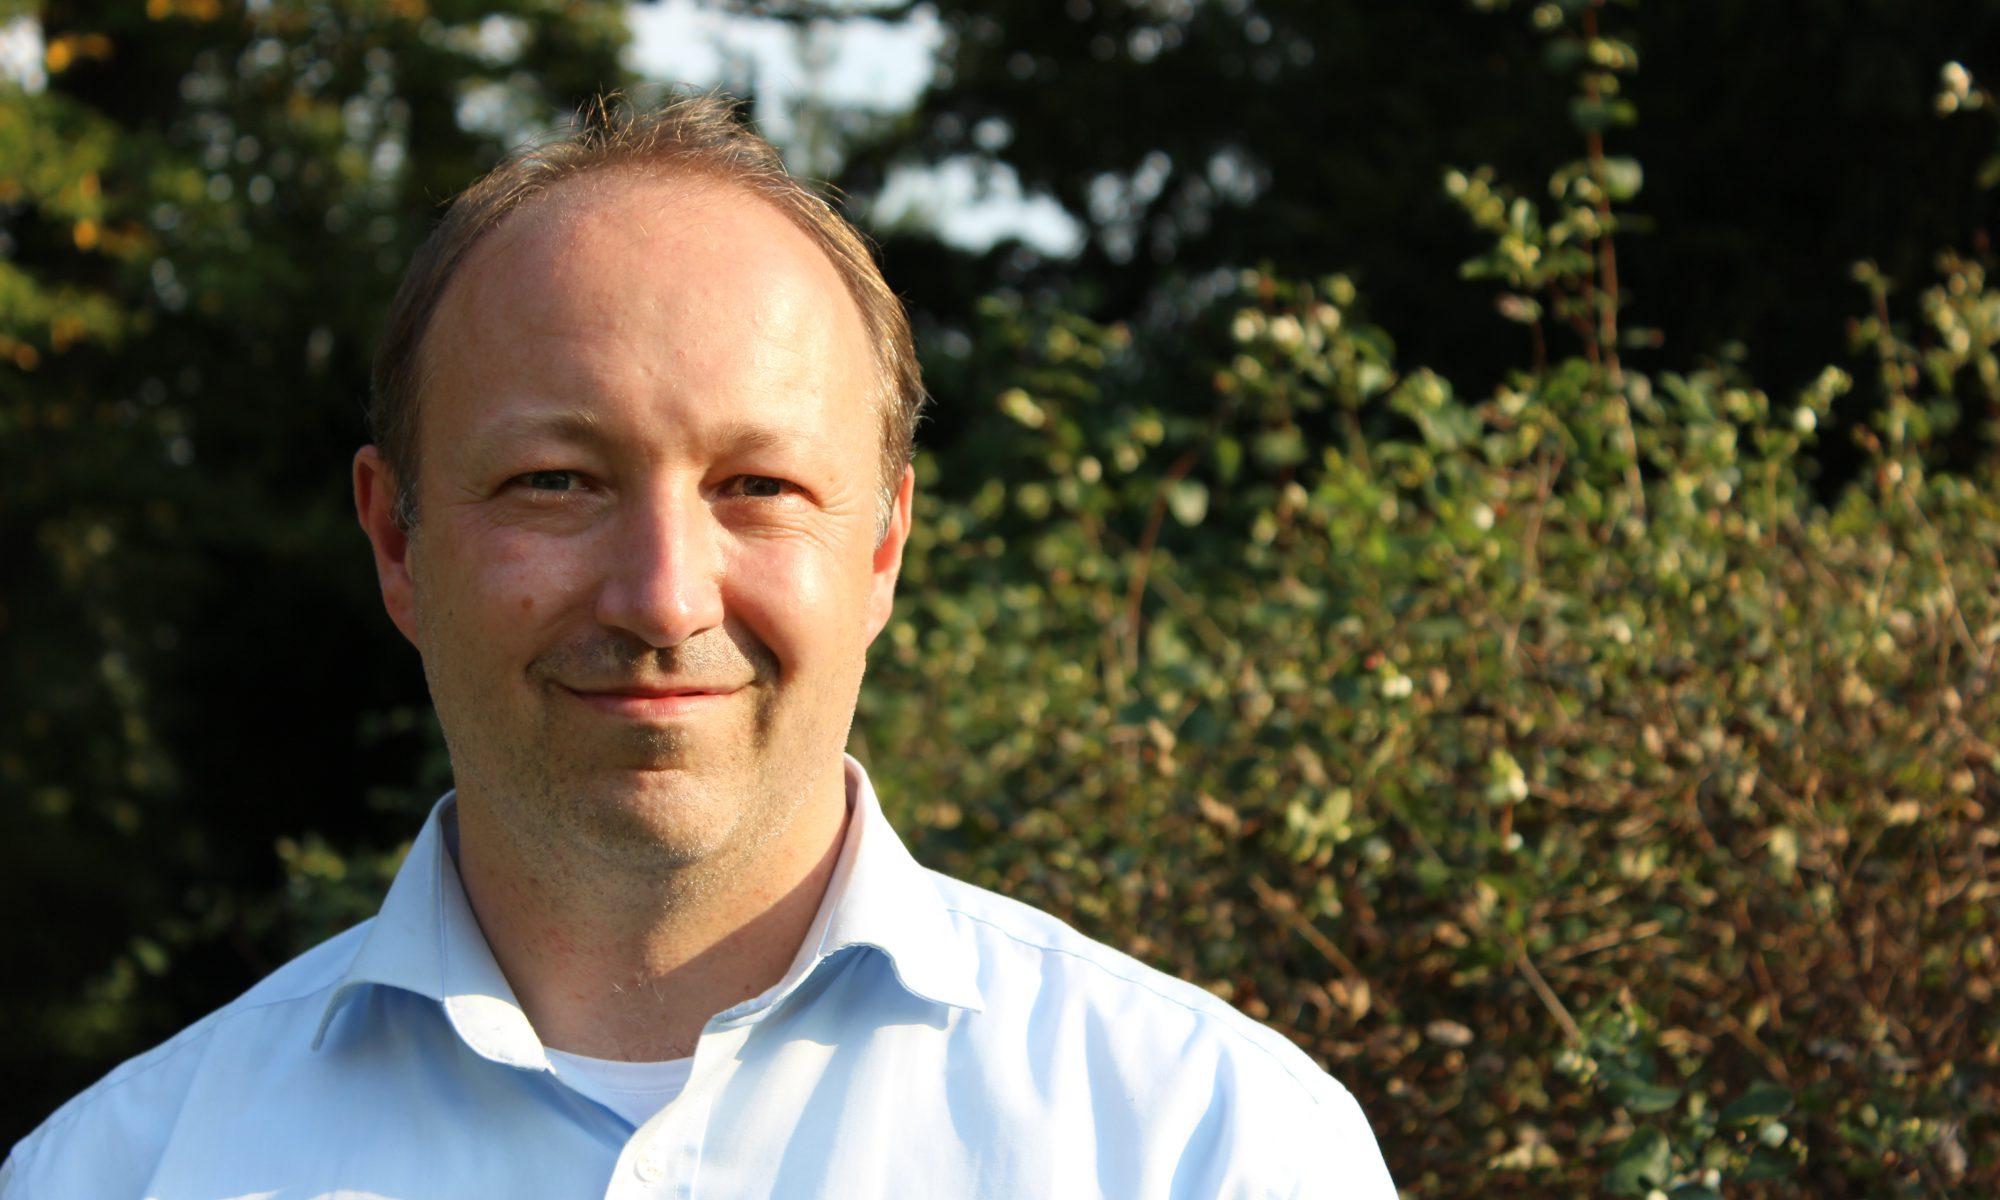 Prof. Dr. Thomas Rigotti, Professor für Arbeits-, Organisations- und Wirtschaftspsychologie